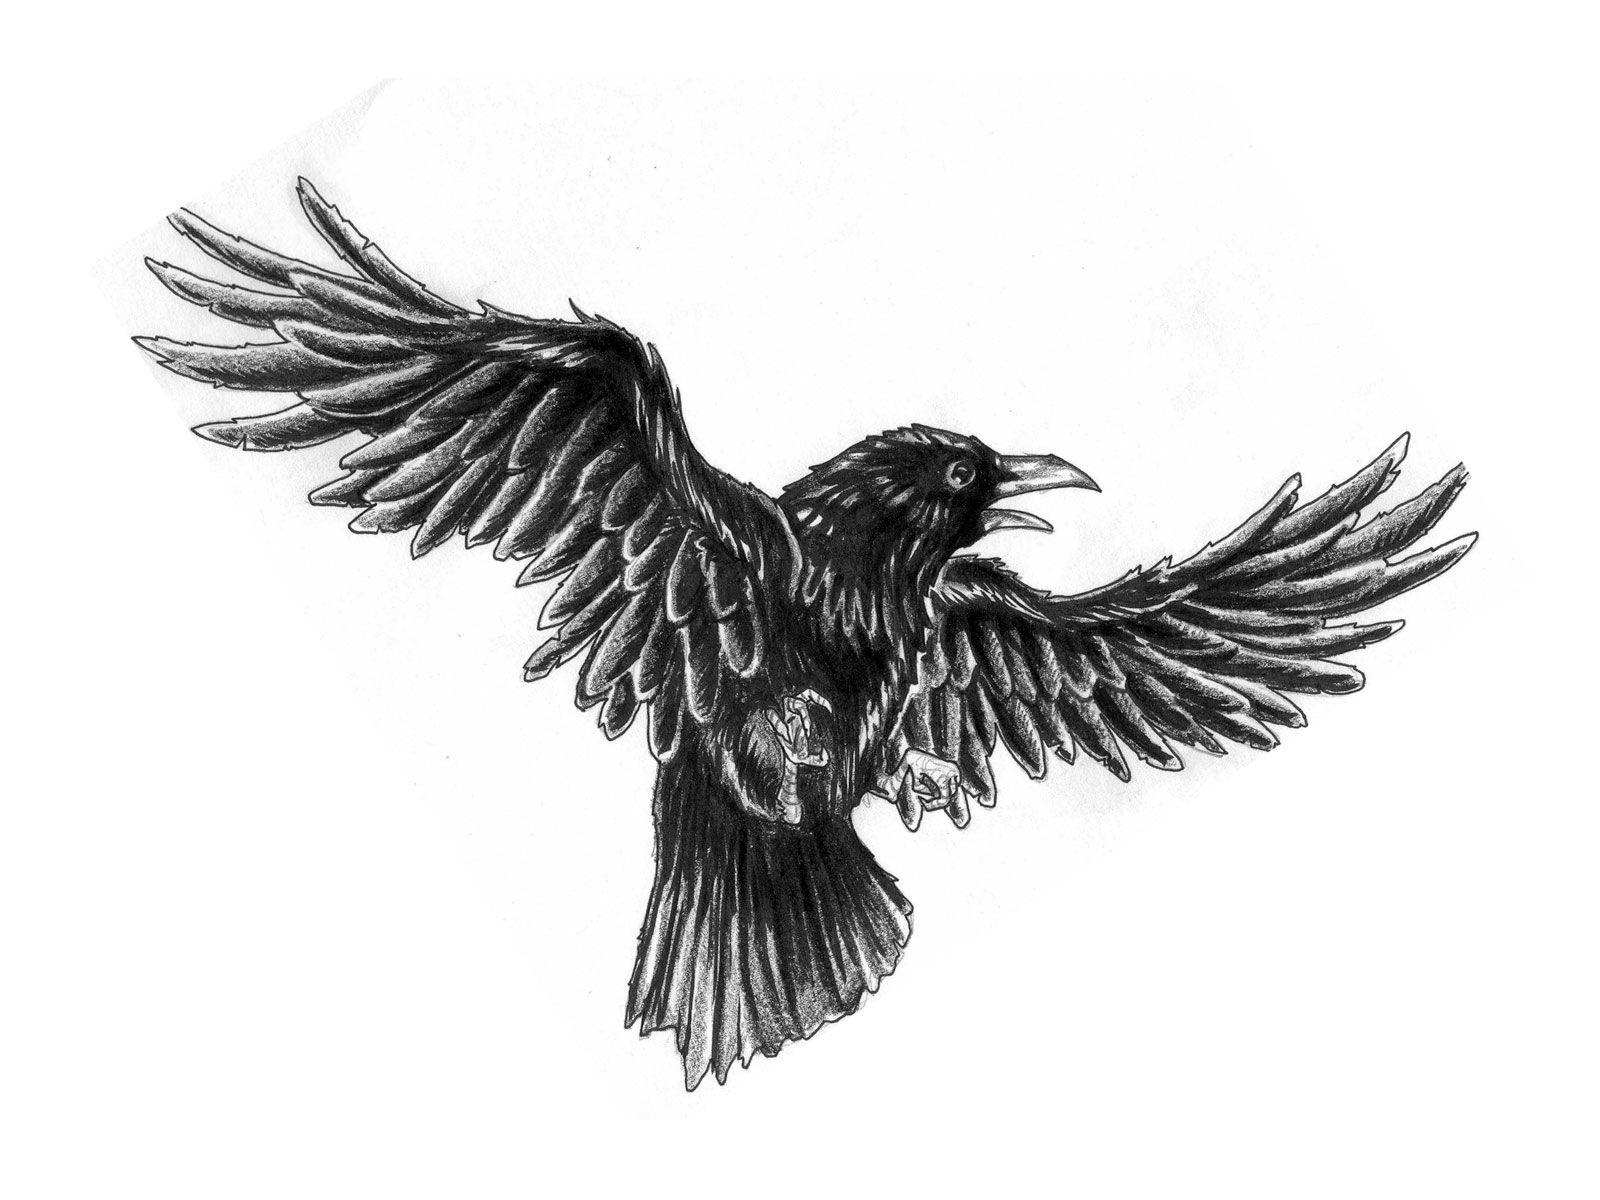 ff98935816193 Crow Tattoo Sketch - Tattoo Ideas | beautiful tattoos | Black crow ...